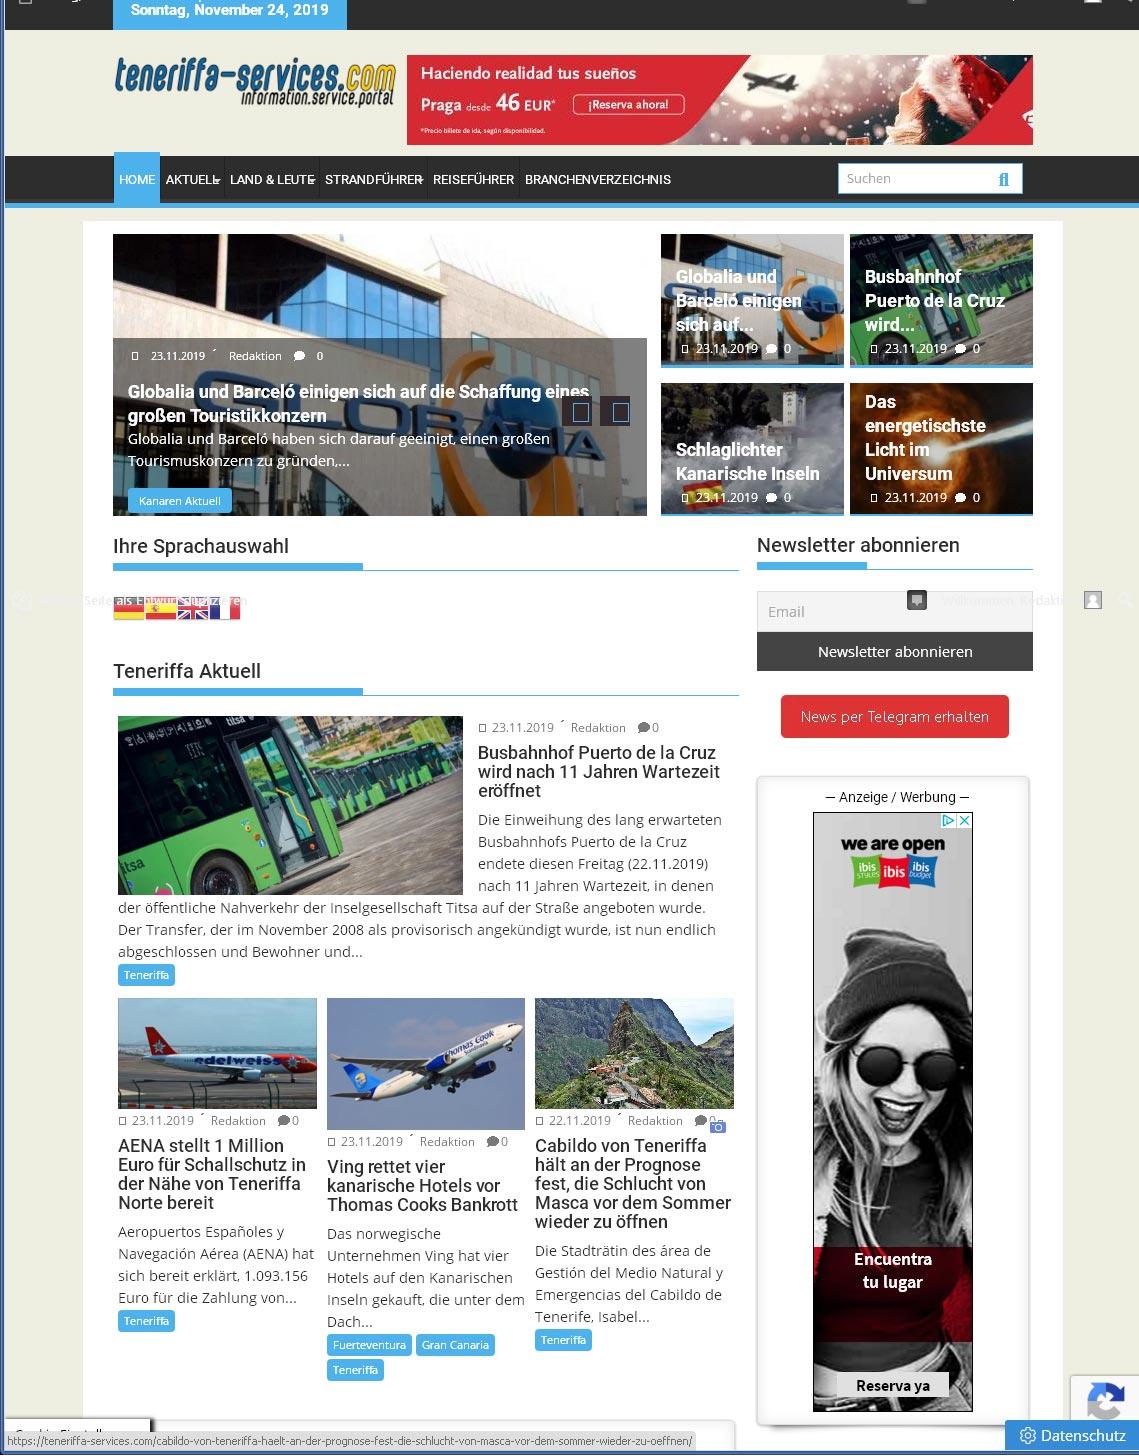 teneriffa-services.com<br />Entwicklung der CI, Grafik & Layout für Online<br />www.teneriffa-services.com